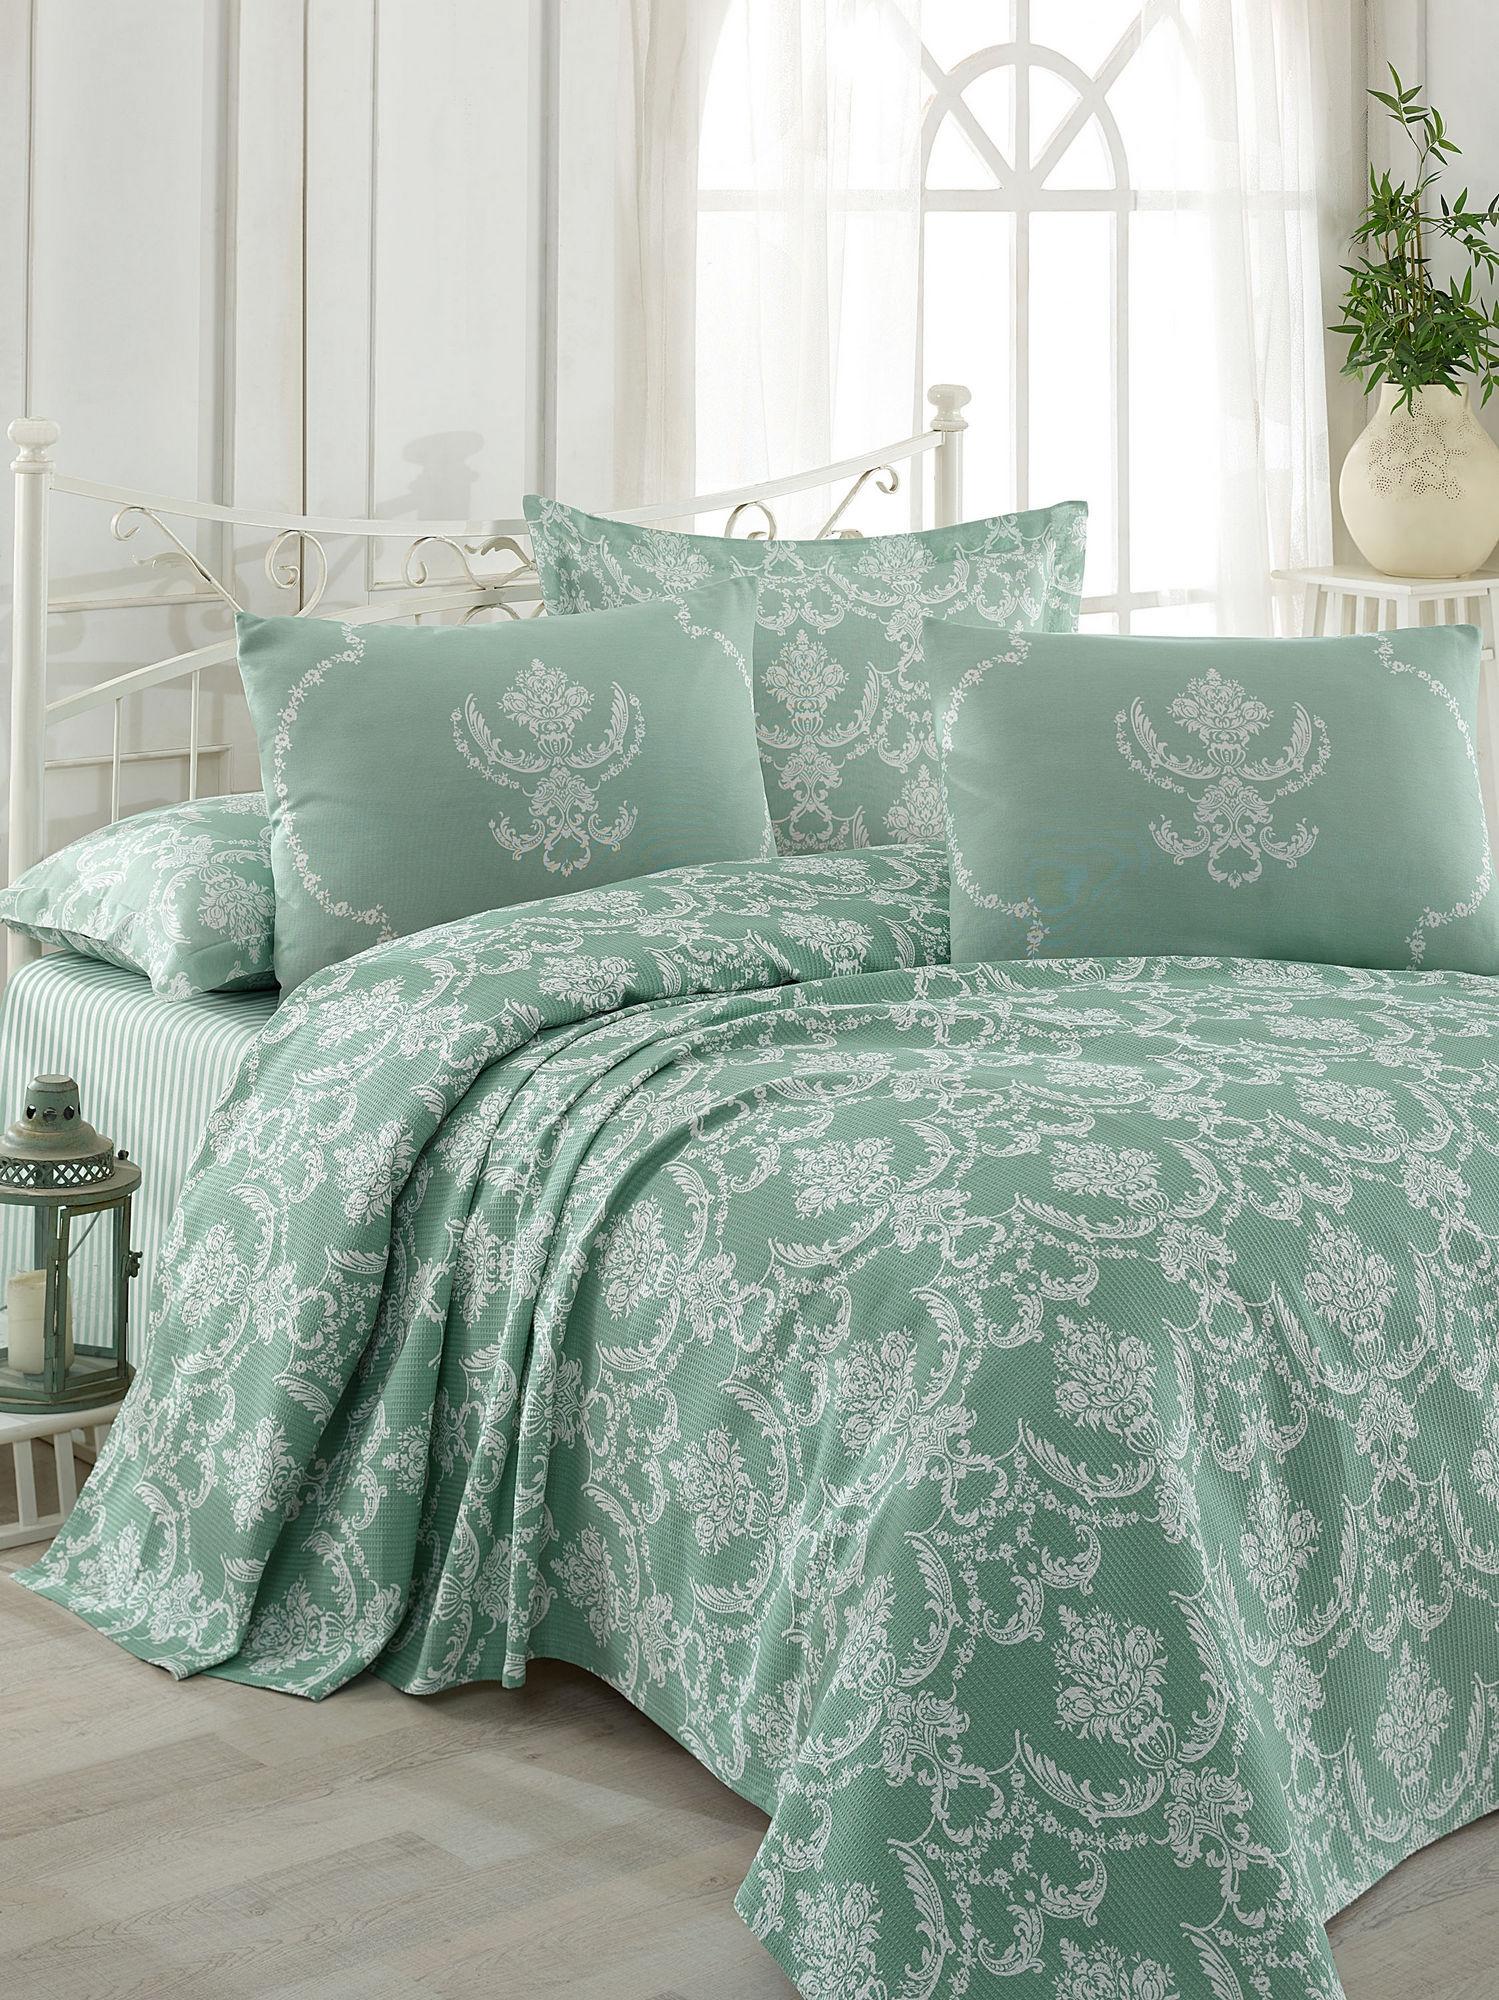 Set cuvertura de pat din bumbac, Pure Verde / Alb, 4 piese, 200 x 235 cm imagine